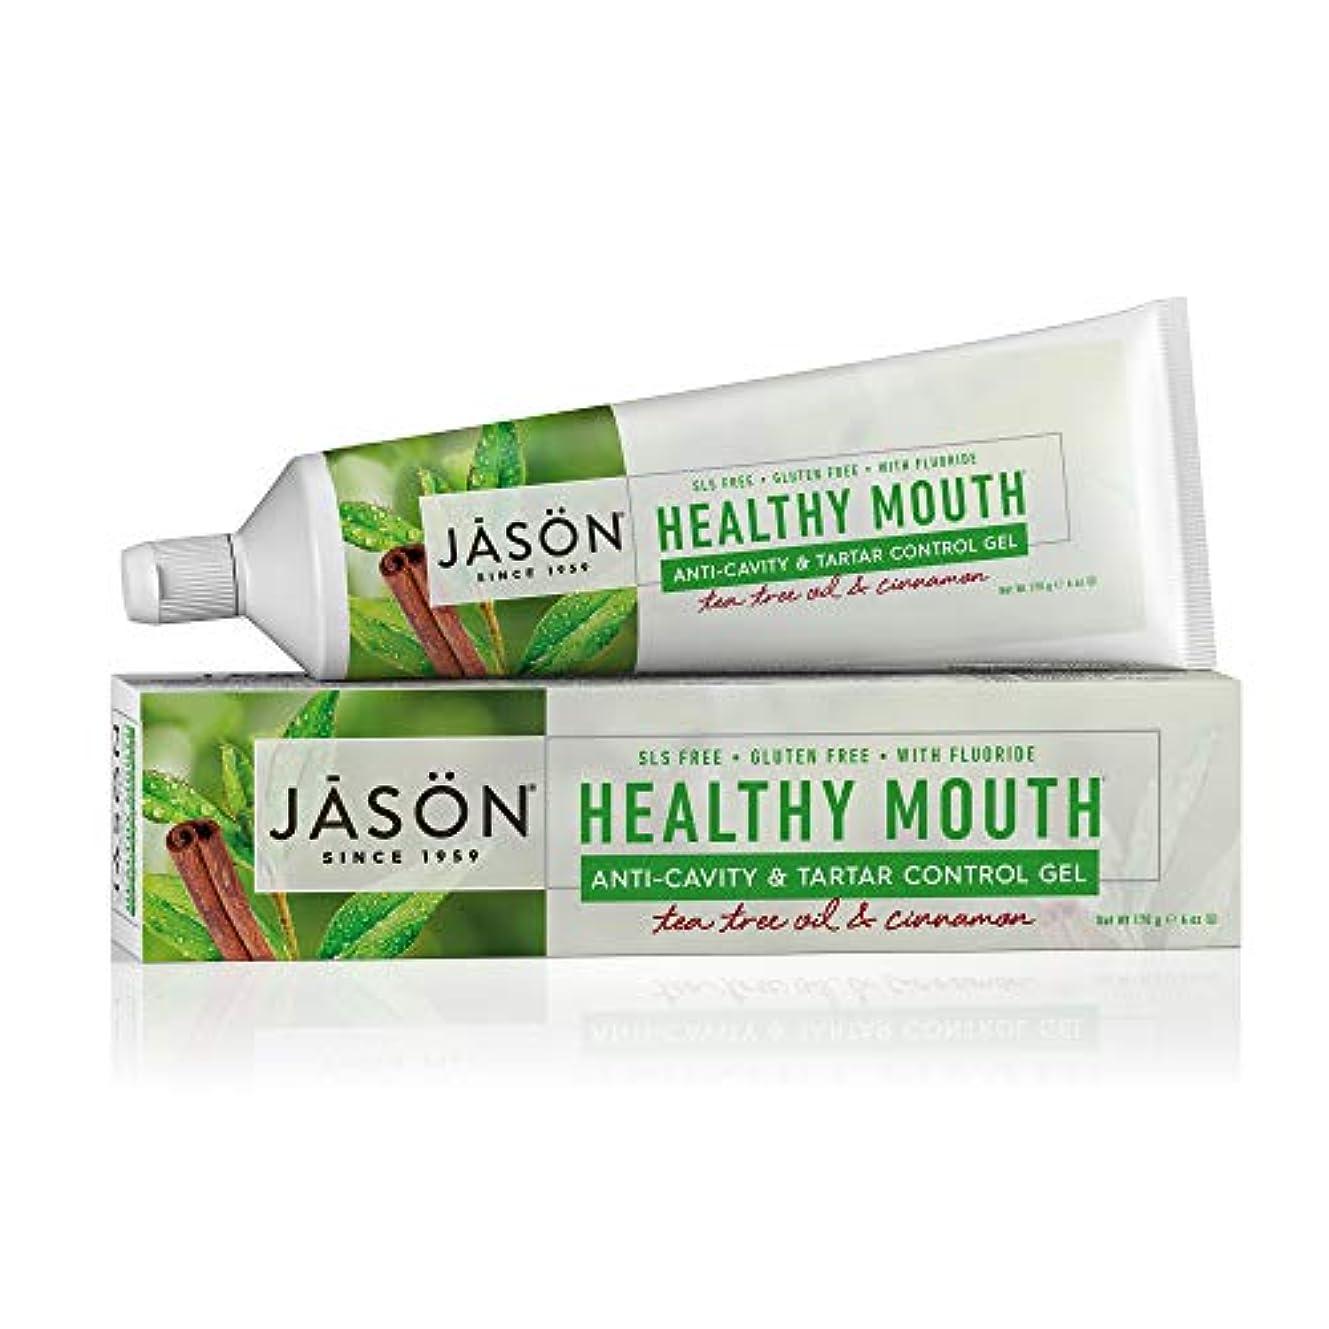 港衝動活性化するJason 健康な口抗歯垢&タルタルコントロールハミガキティーツリーオイル&シナモン、6オンス